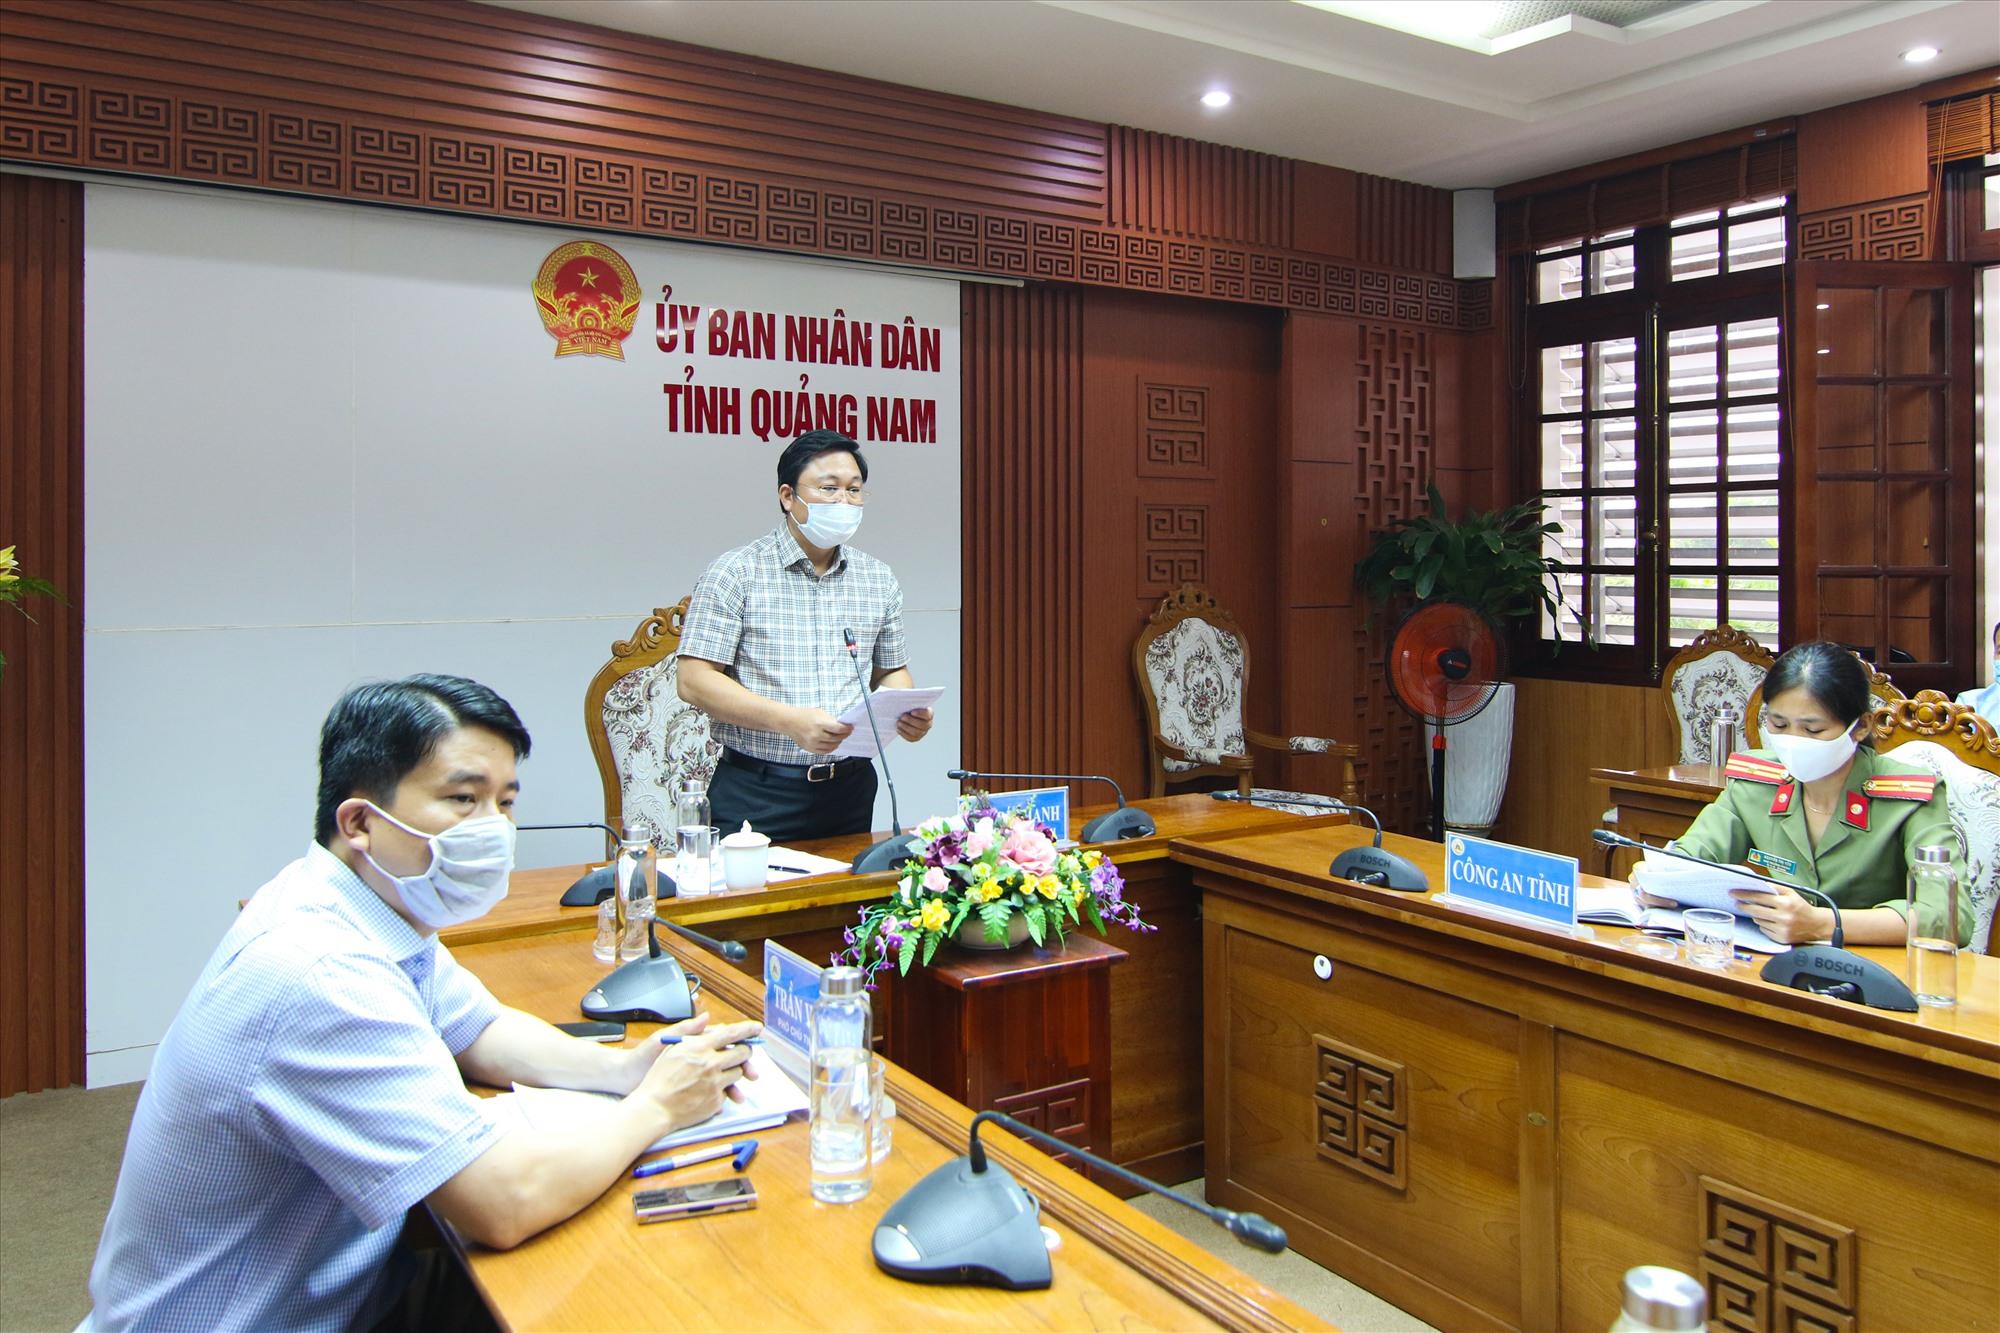 Chủ tịch UBND tỉnh Lê Trí Thanh phát biểu kiến nghị tại cuộc họp.